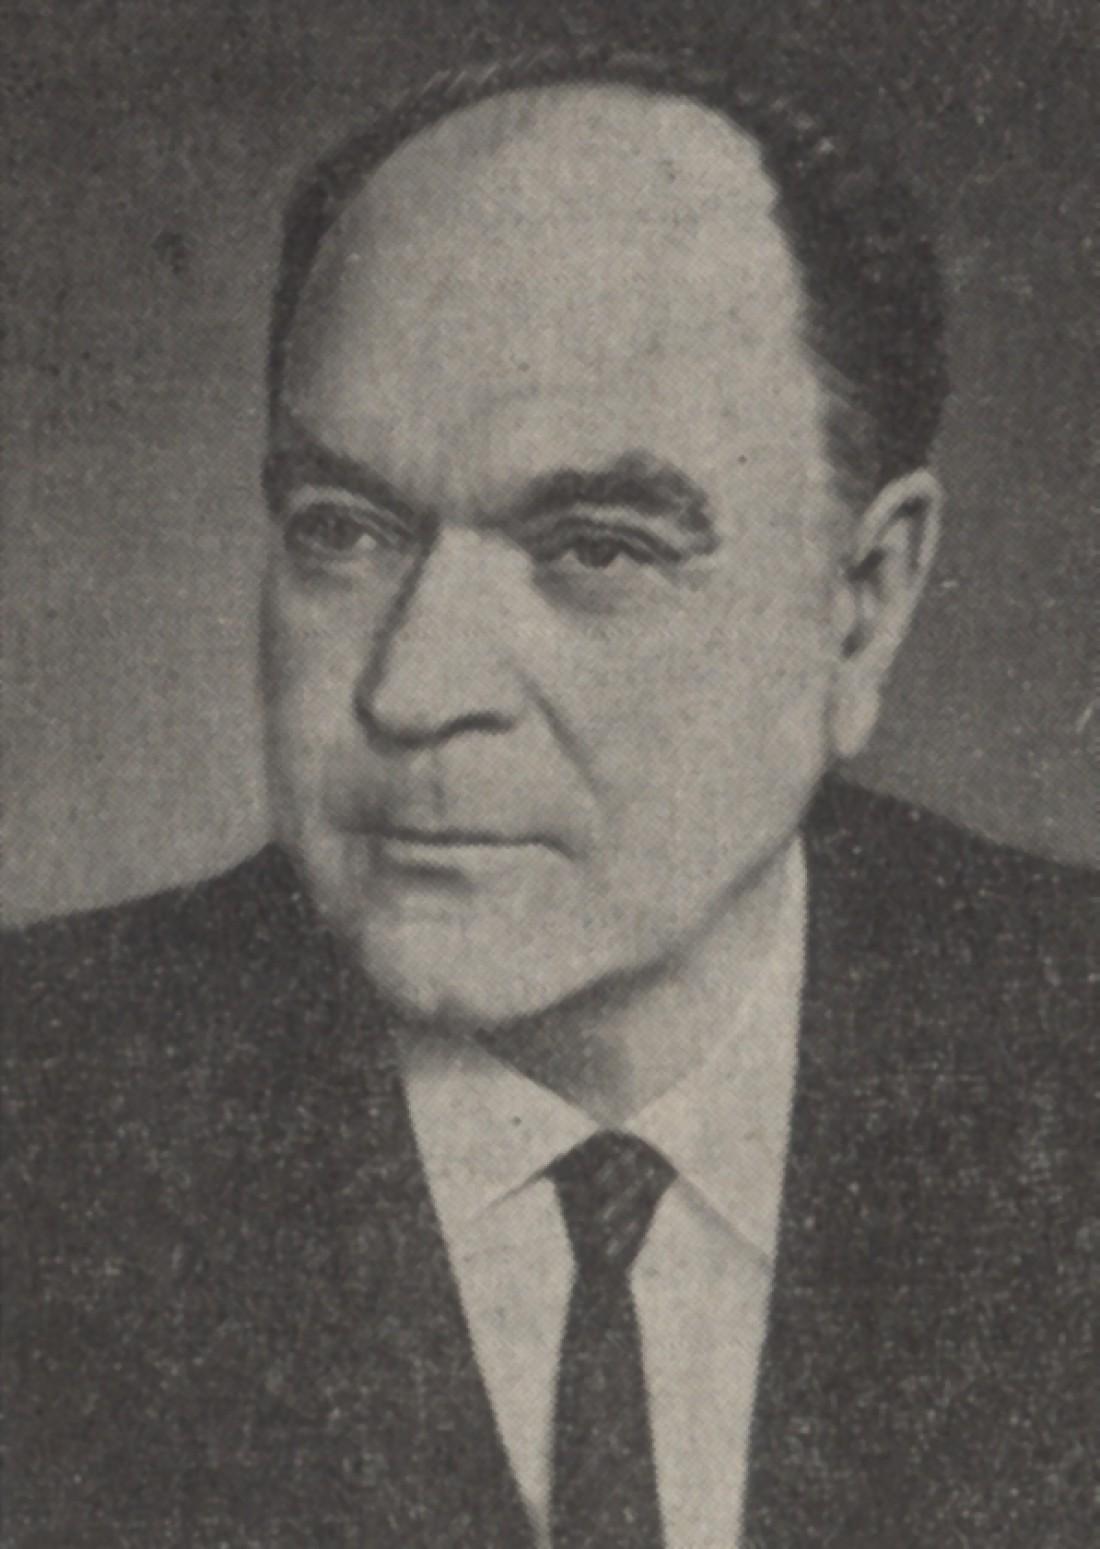 Советский нейрохирург Борис Егоров. Предложил трепанацию вместо лоботомии